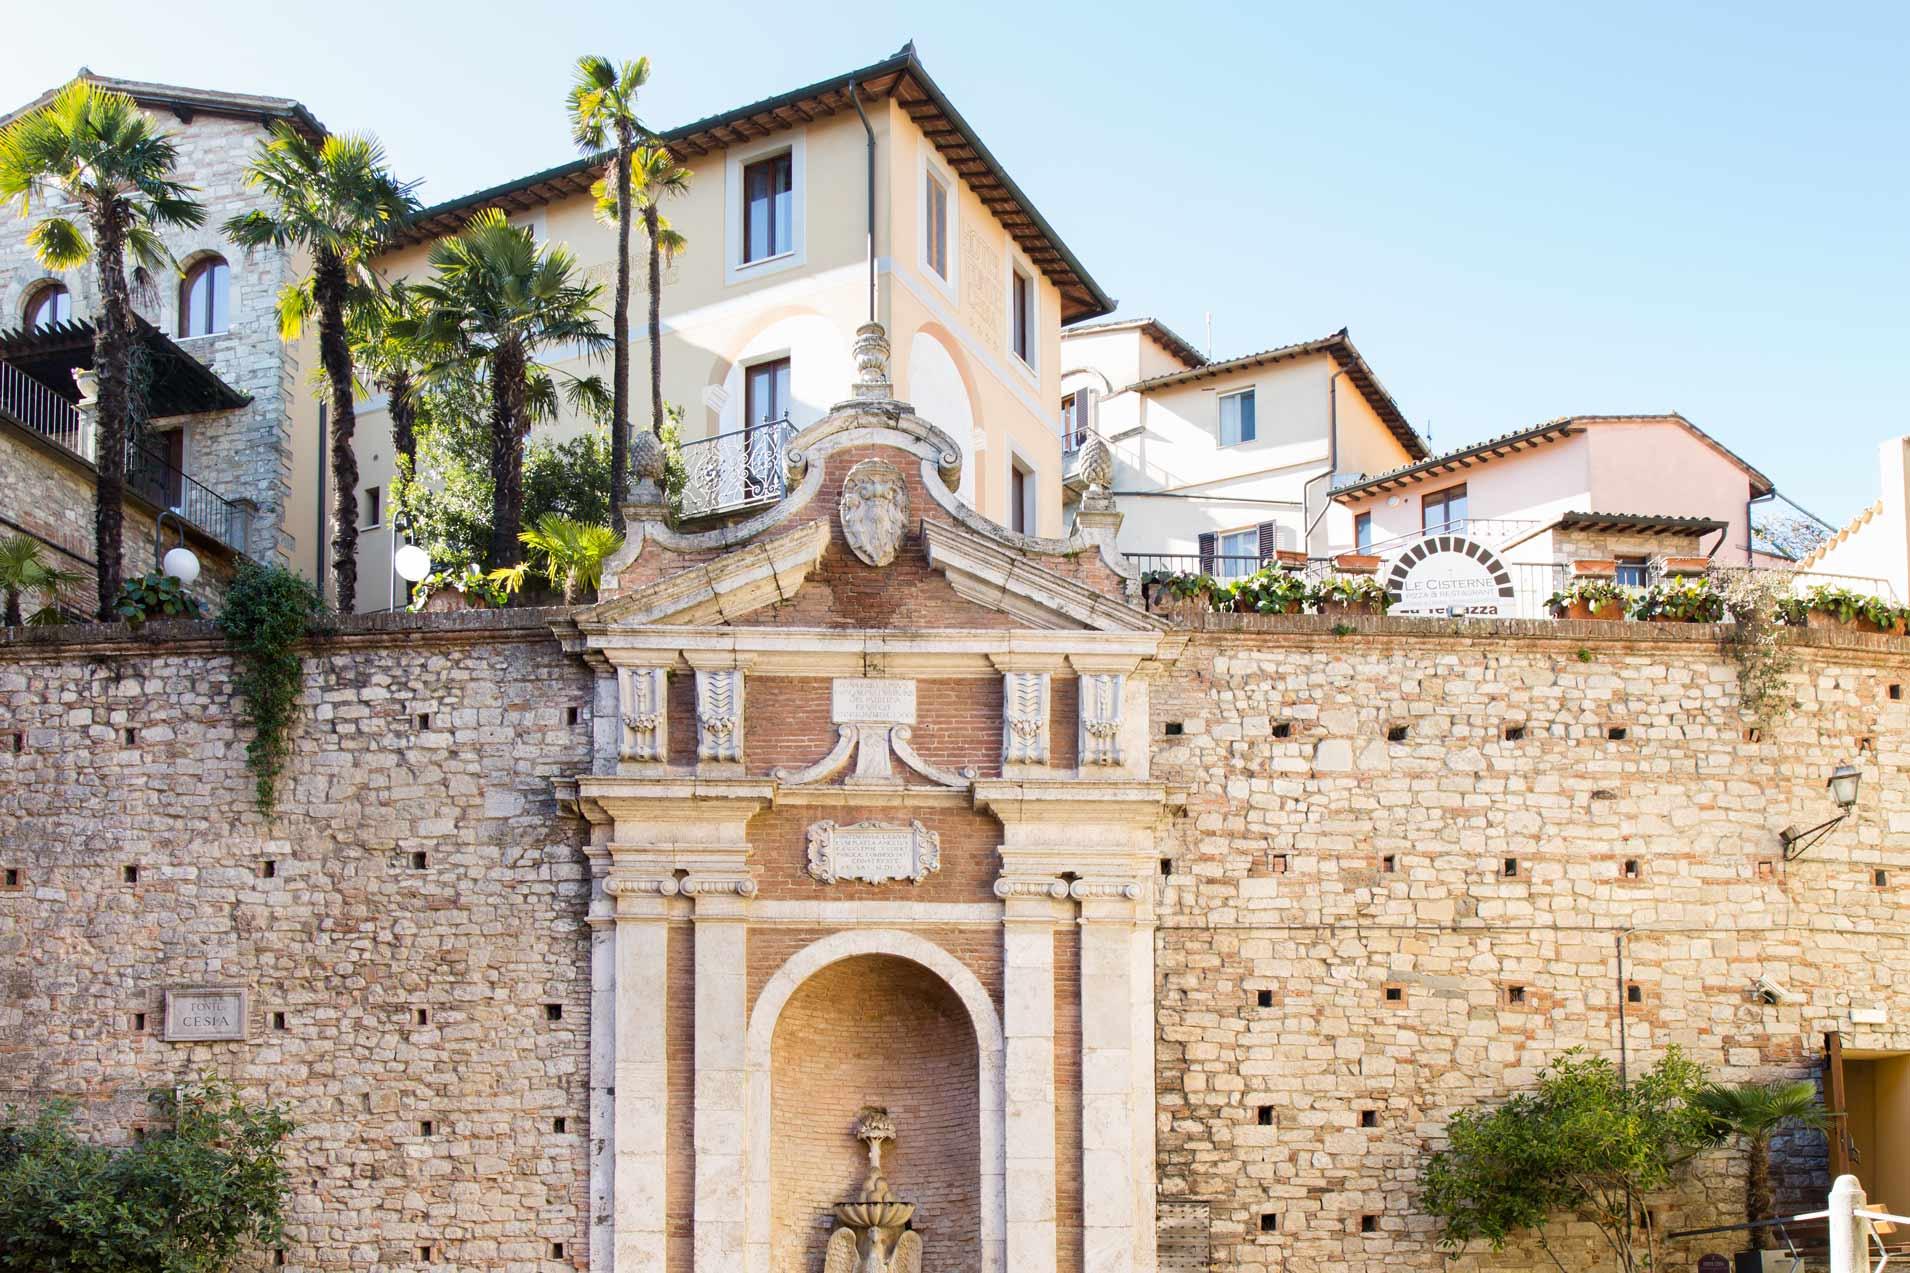 Hotel Fonte Cesia Todi, Fonte Cesia